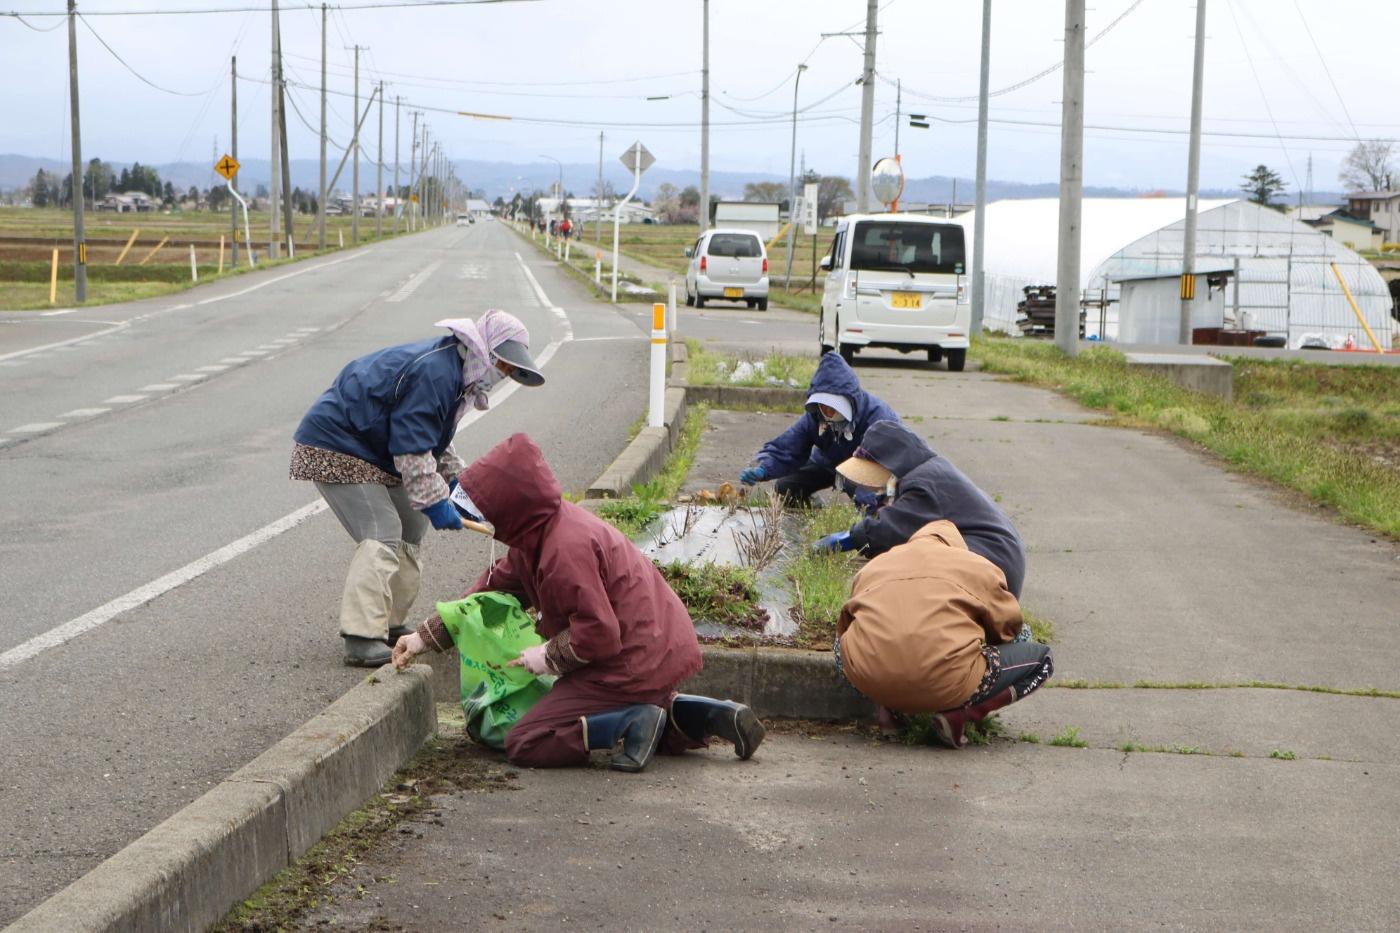 マイロードサポートボランティア:地域の皆さんにご参加いただいたゴミ拾いの様子